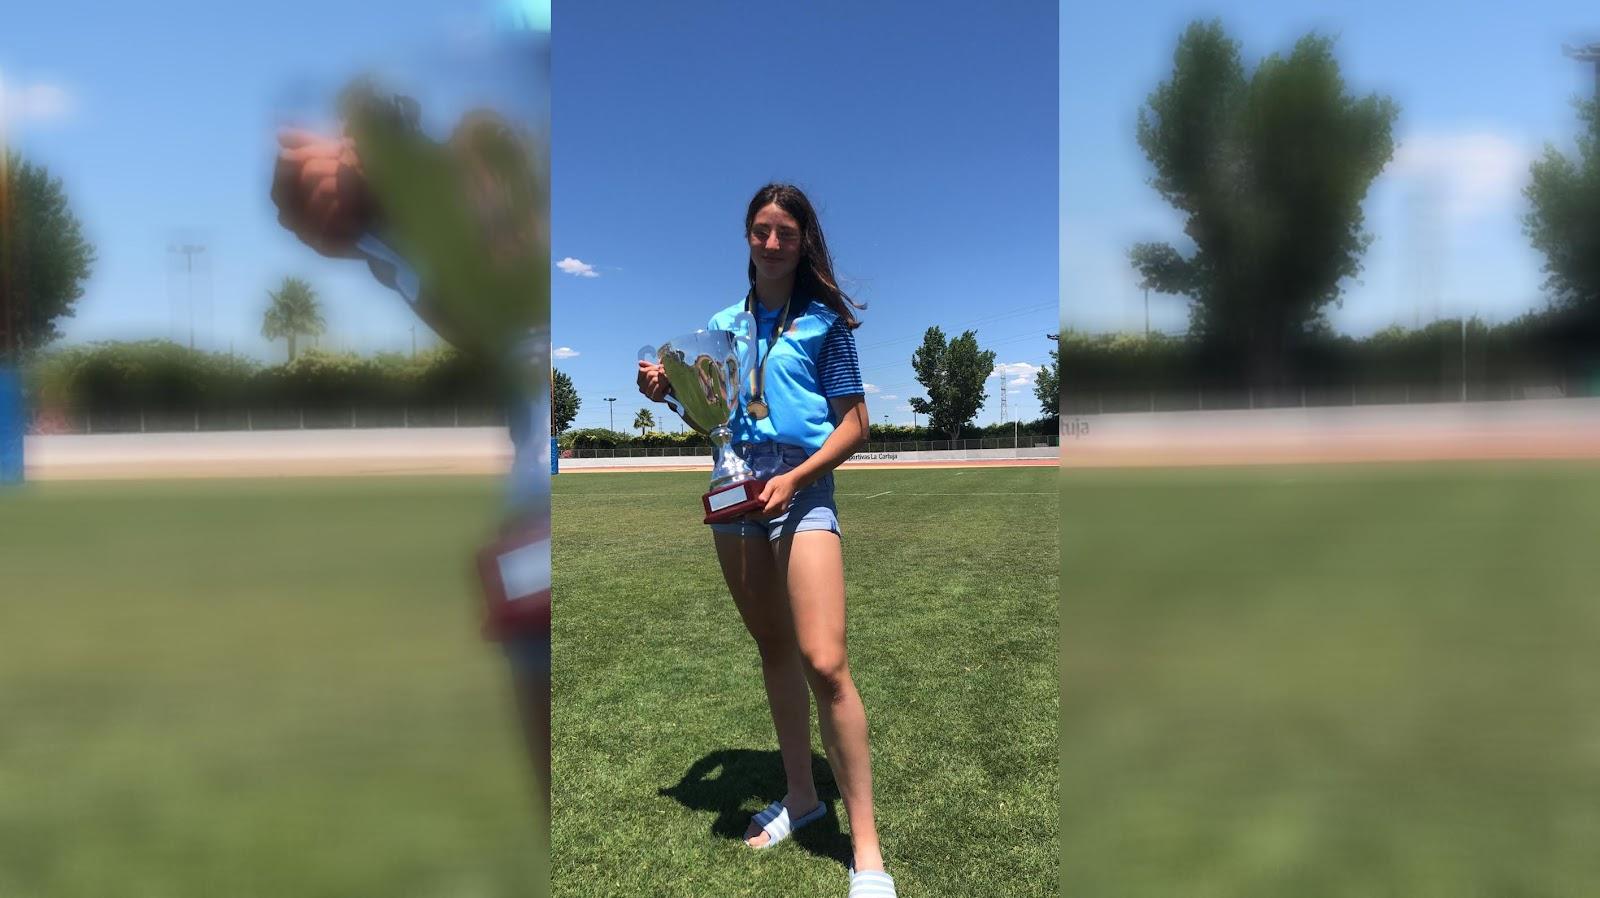 Claudia Cano, Campeona de España de Rugby